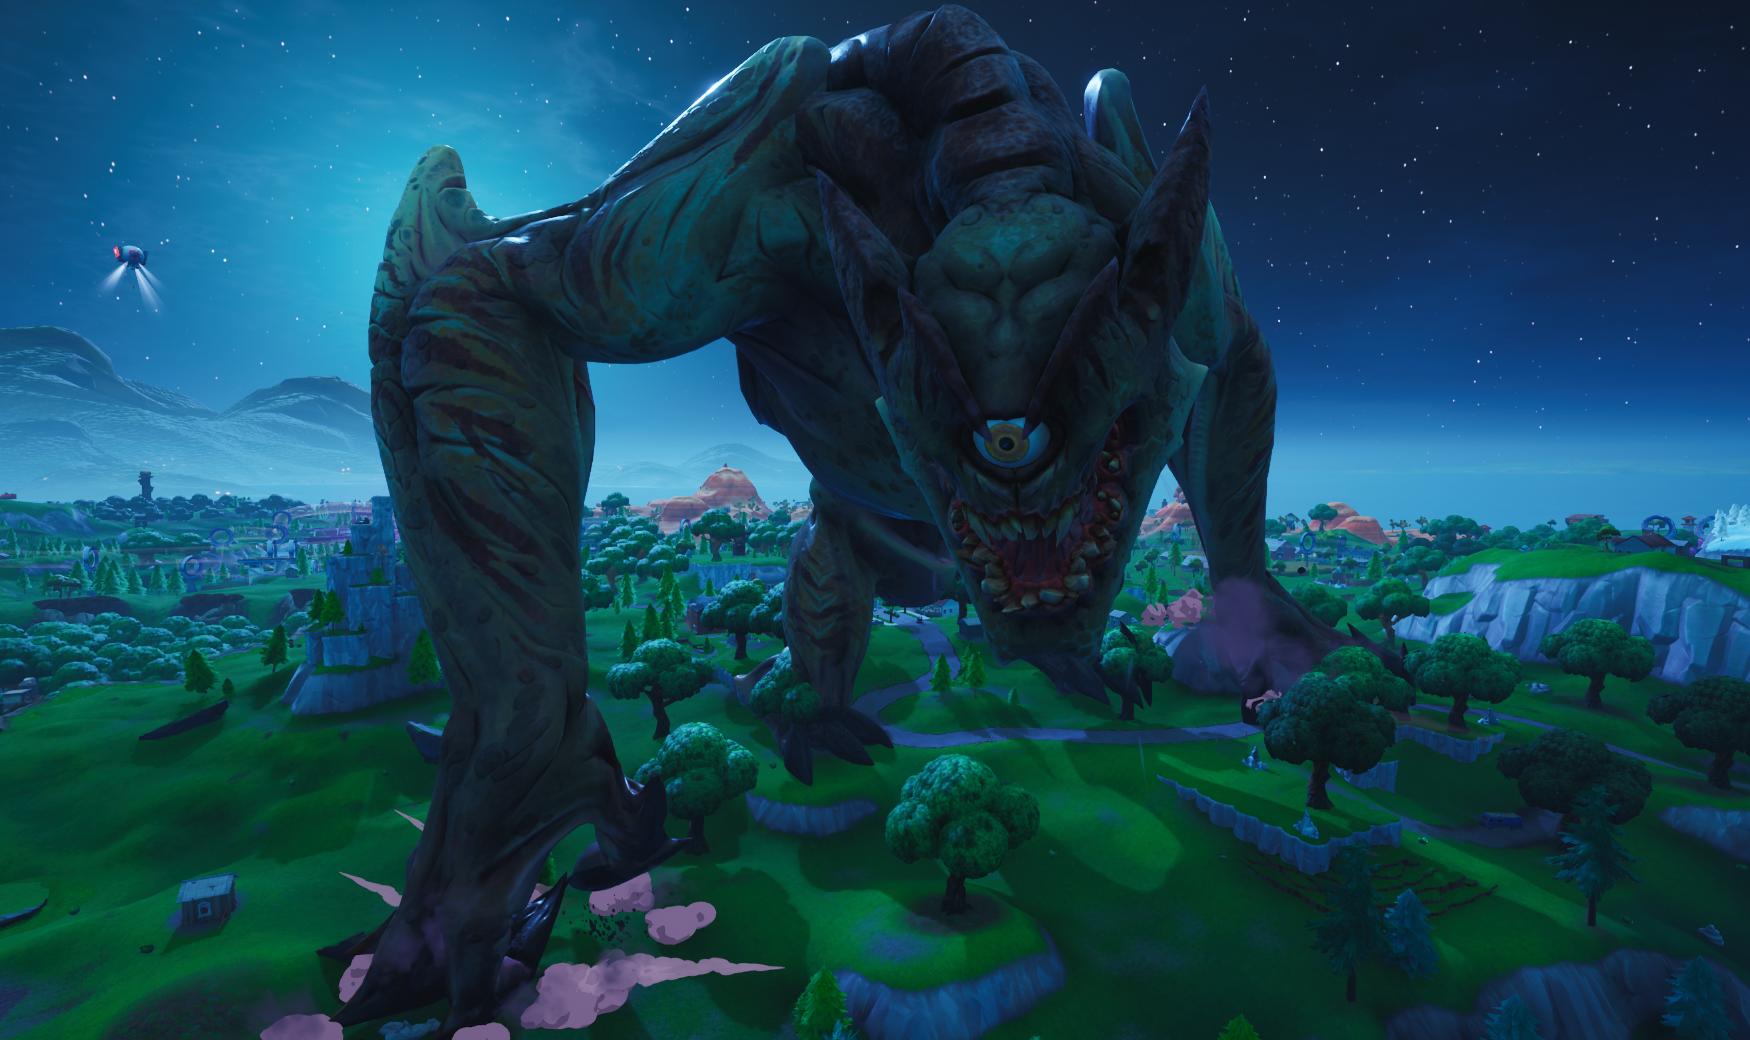 Das Monster